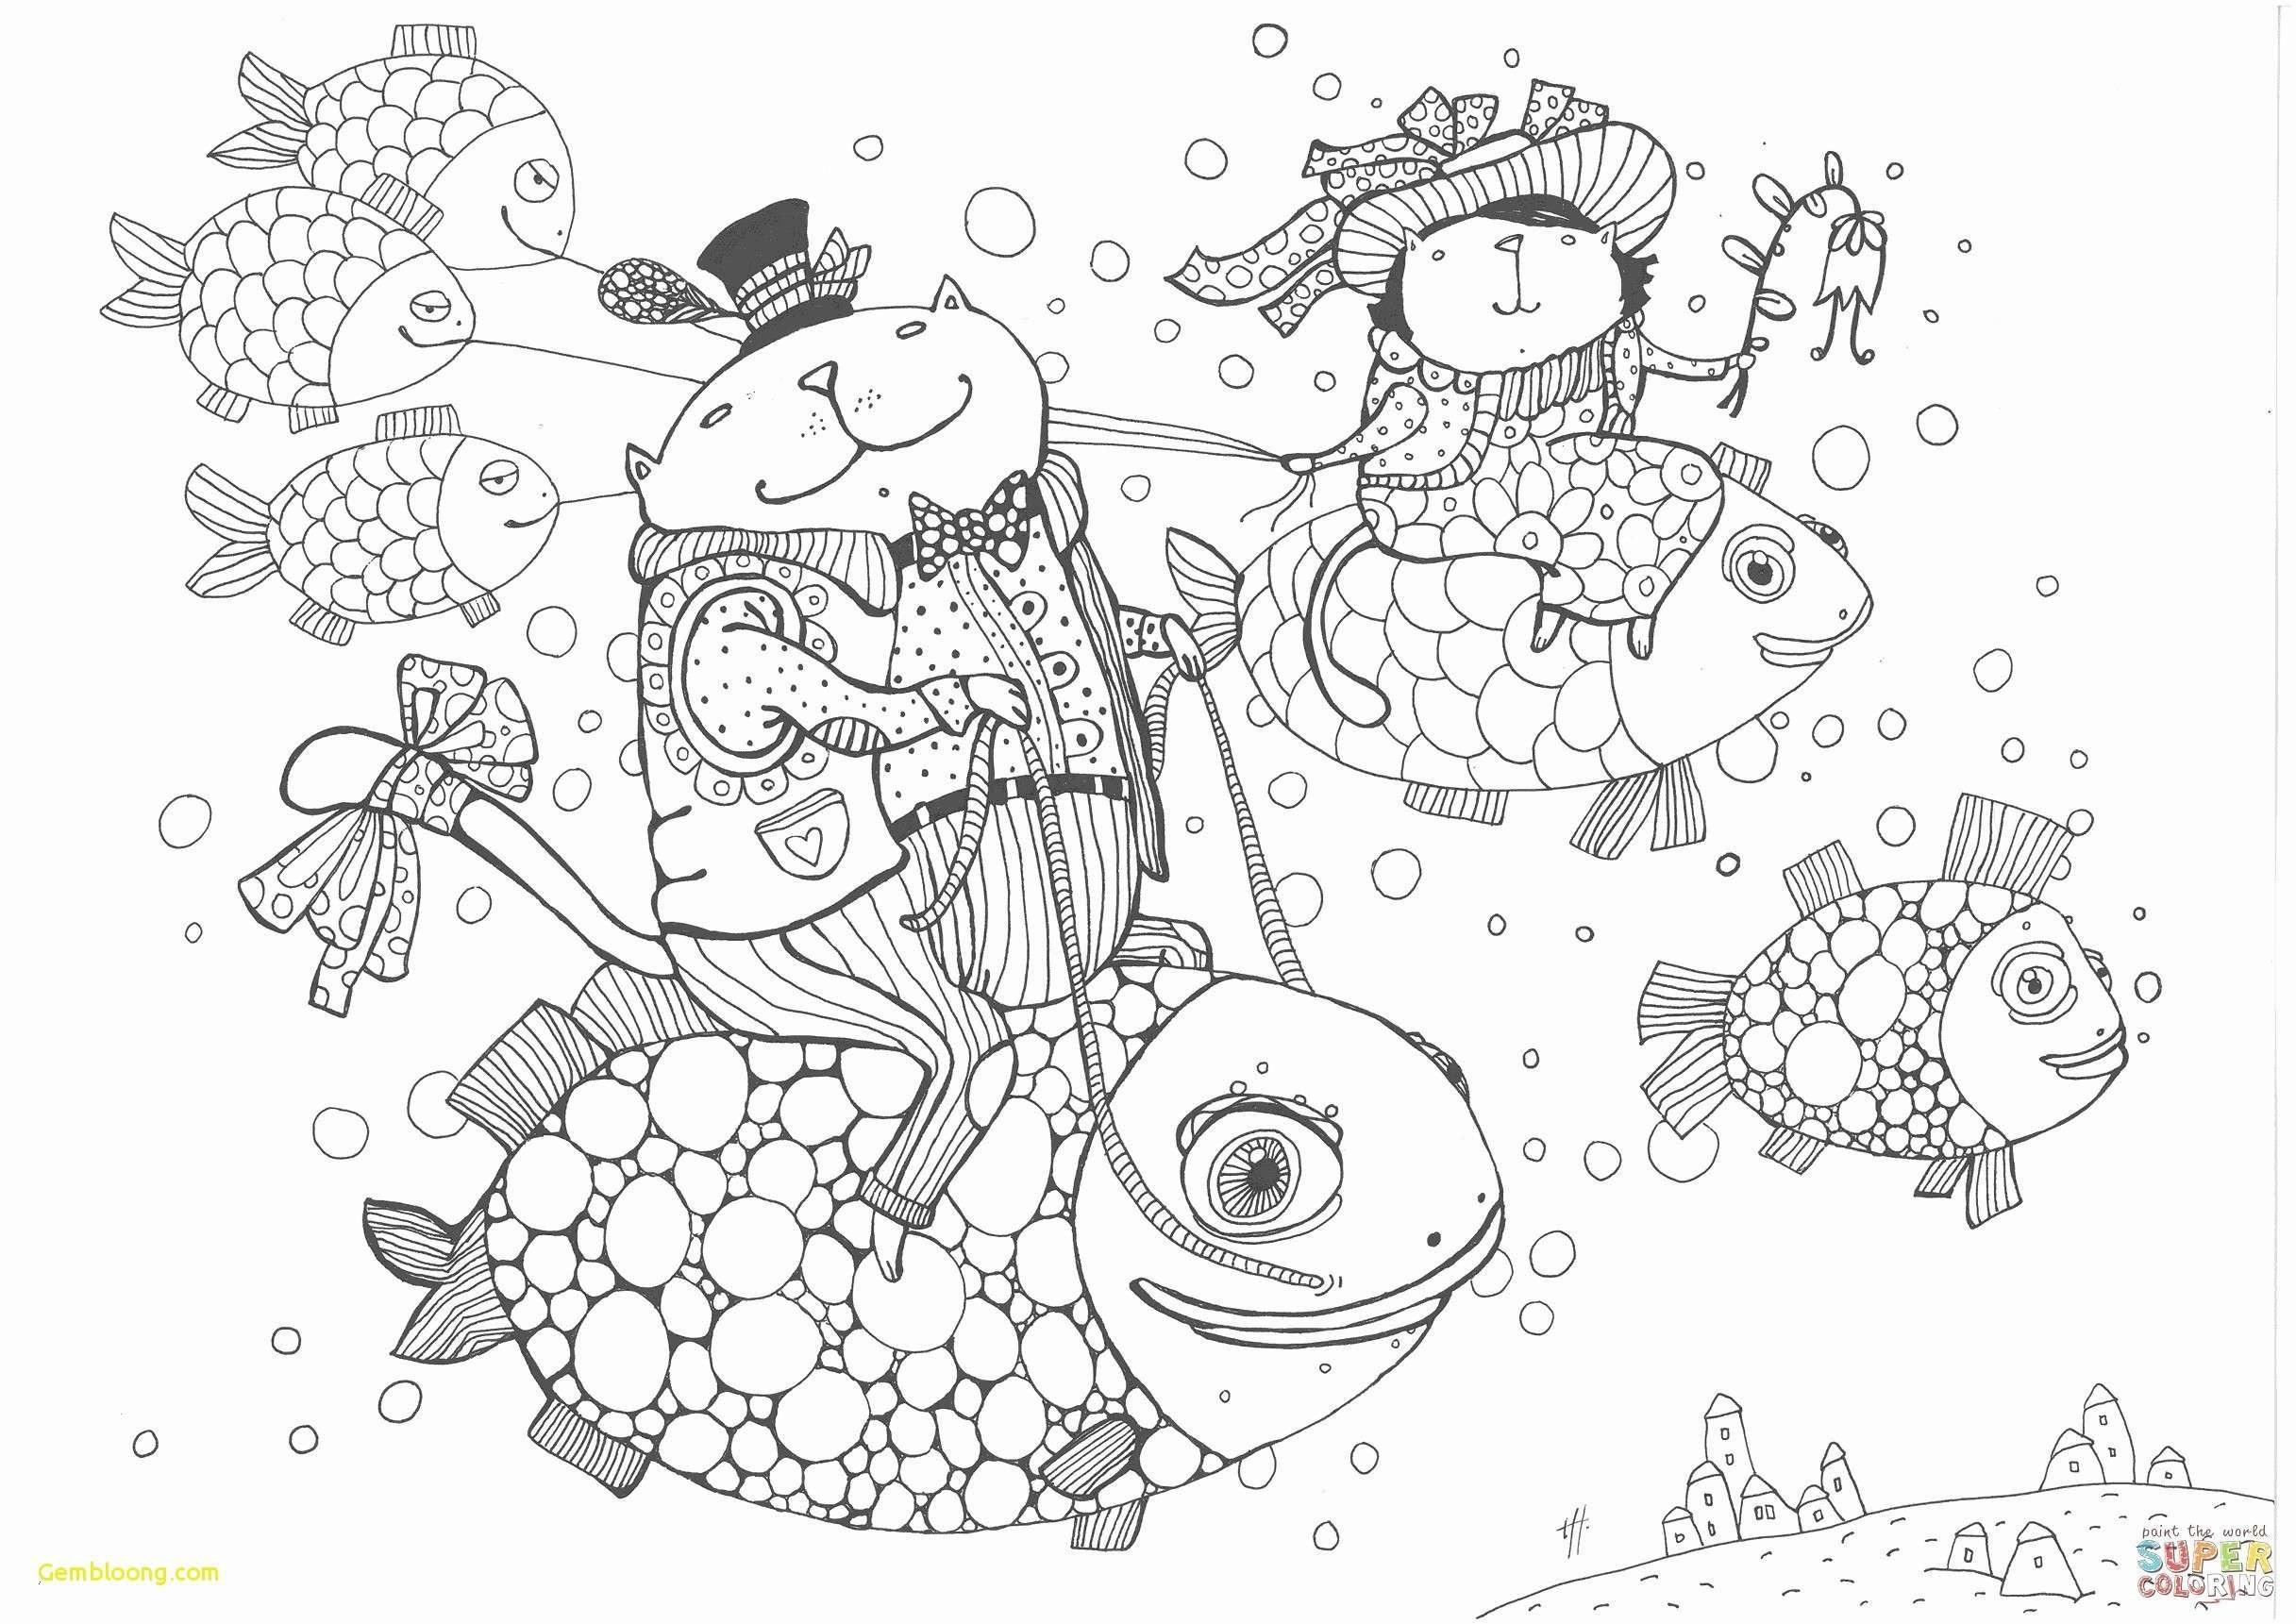 Malvorlagen Weihnachten Schneemann Neu Malvorlagen Nach Nummer Erstaunlich Ausmalbilder Weihnachten Sammlung